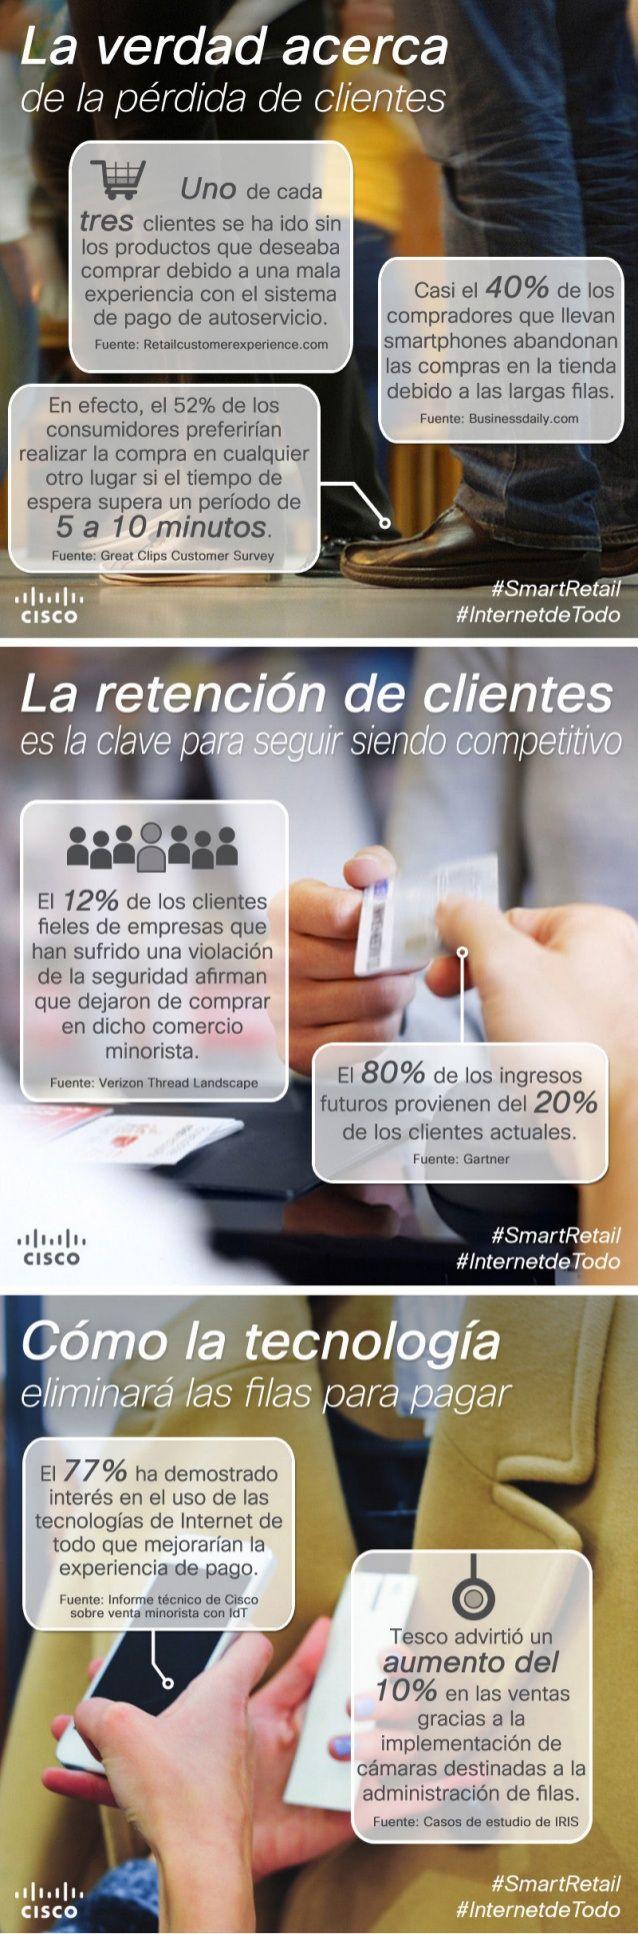 La verdad sobre la pérdida de clientes #infografia #infographic #marketing